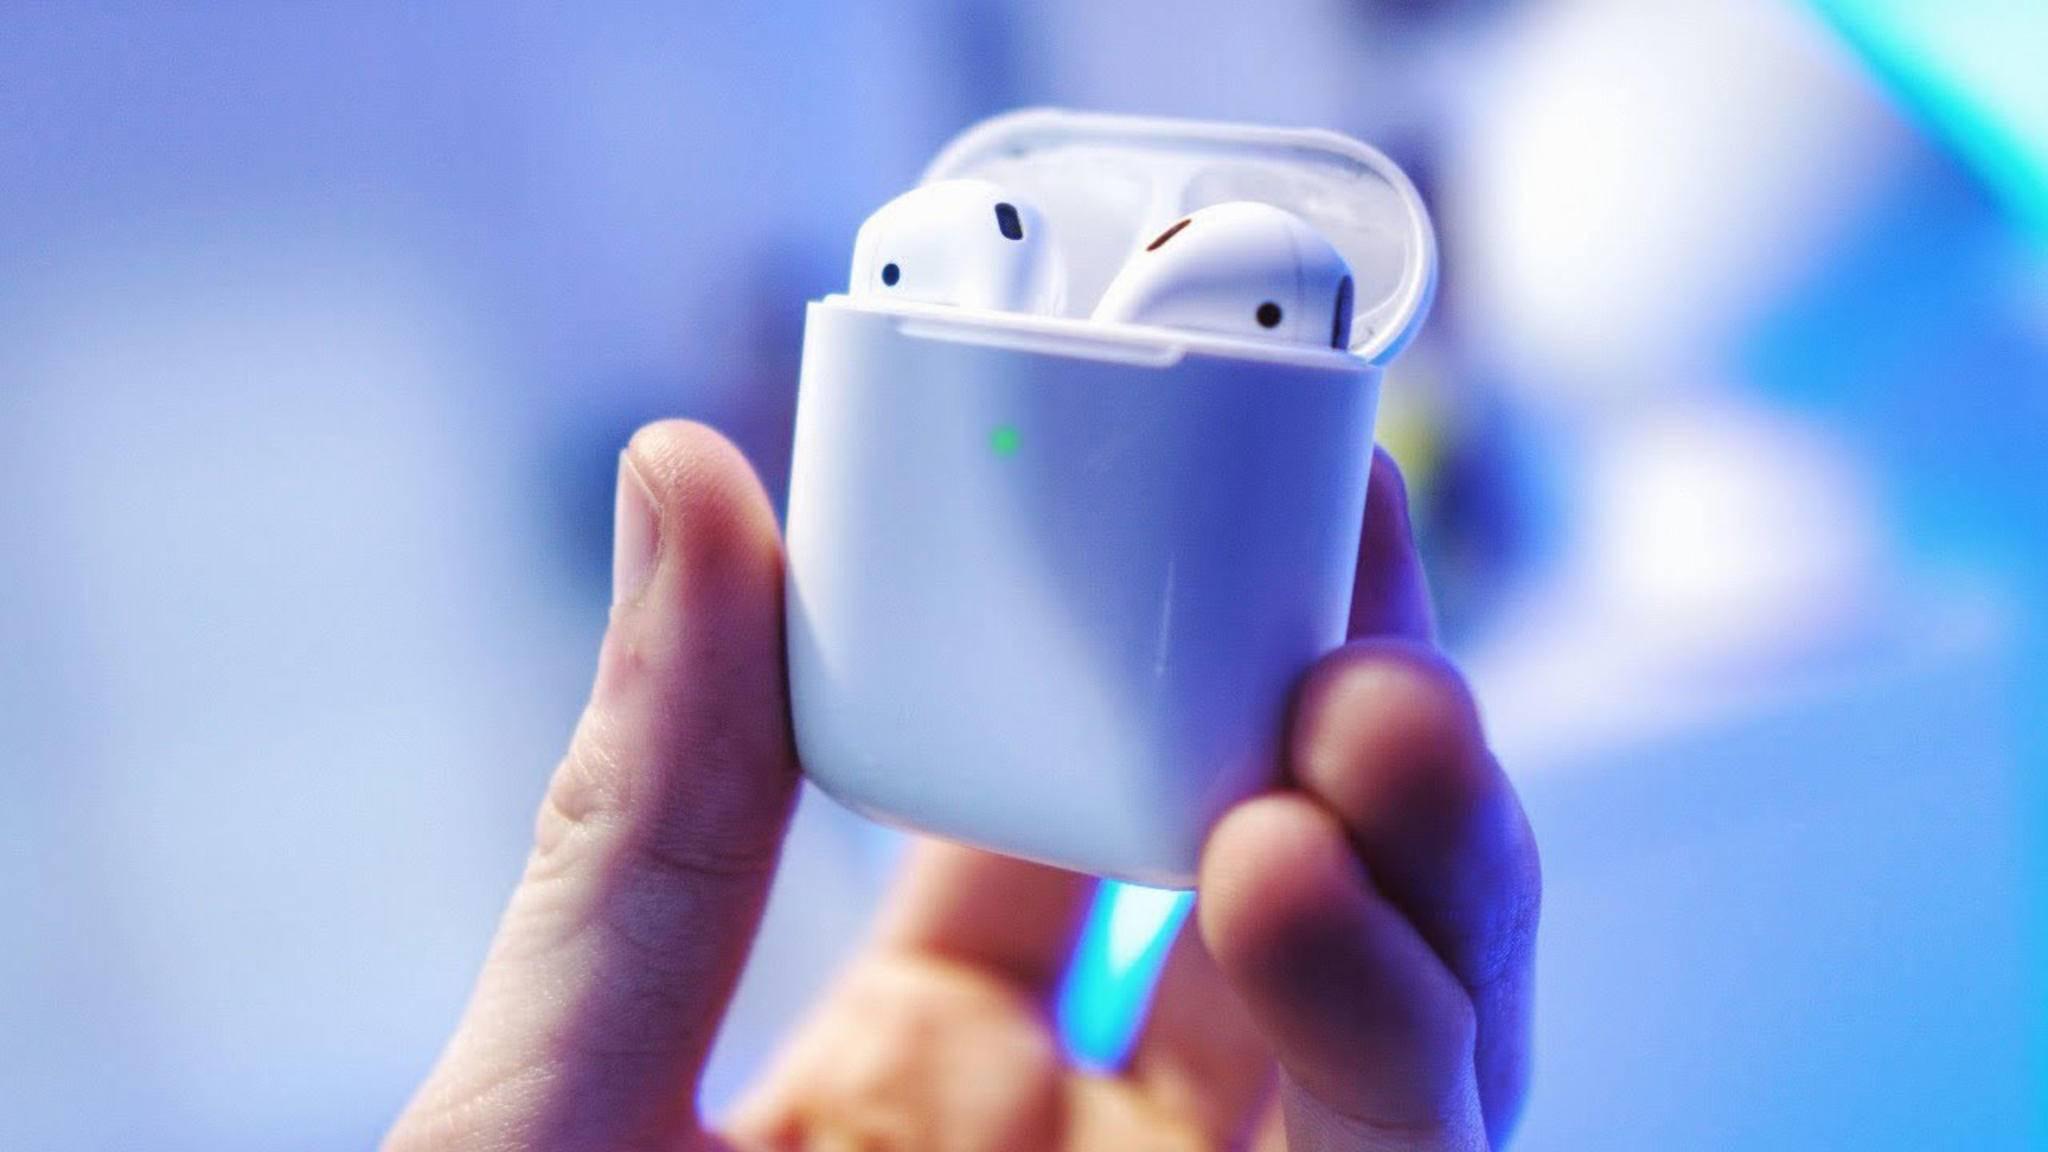 Erscheinen womöglich bald als wasserdichte Variante: die Apple AirPods.